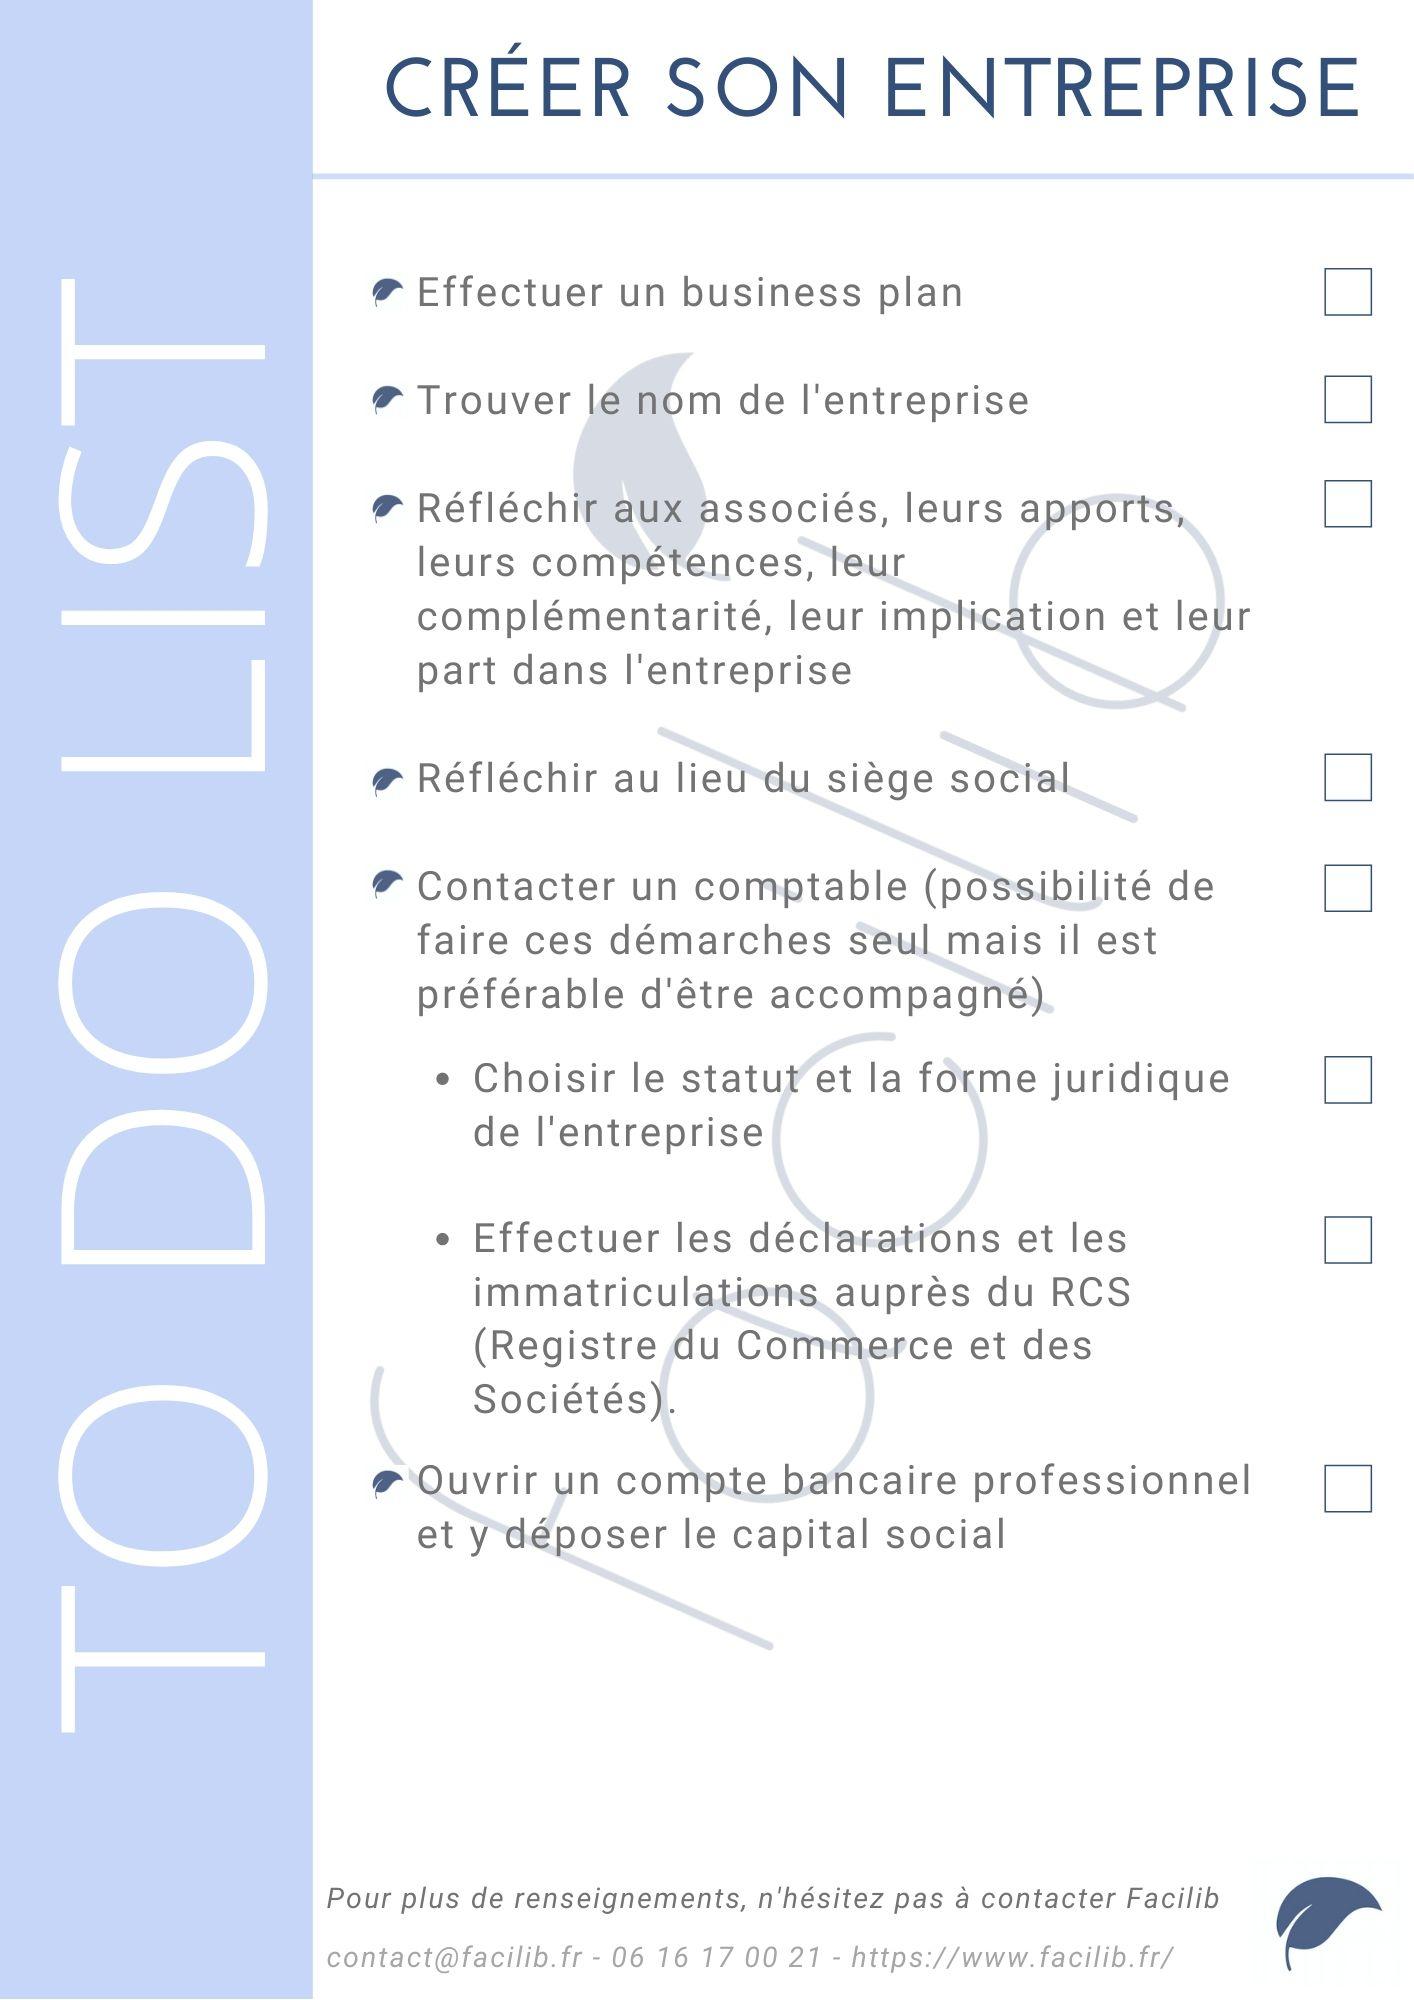 Créer_son_entreprise_-_To_do_list.jpg